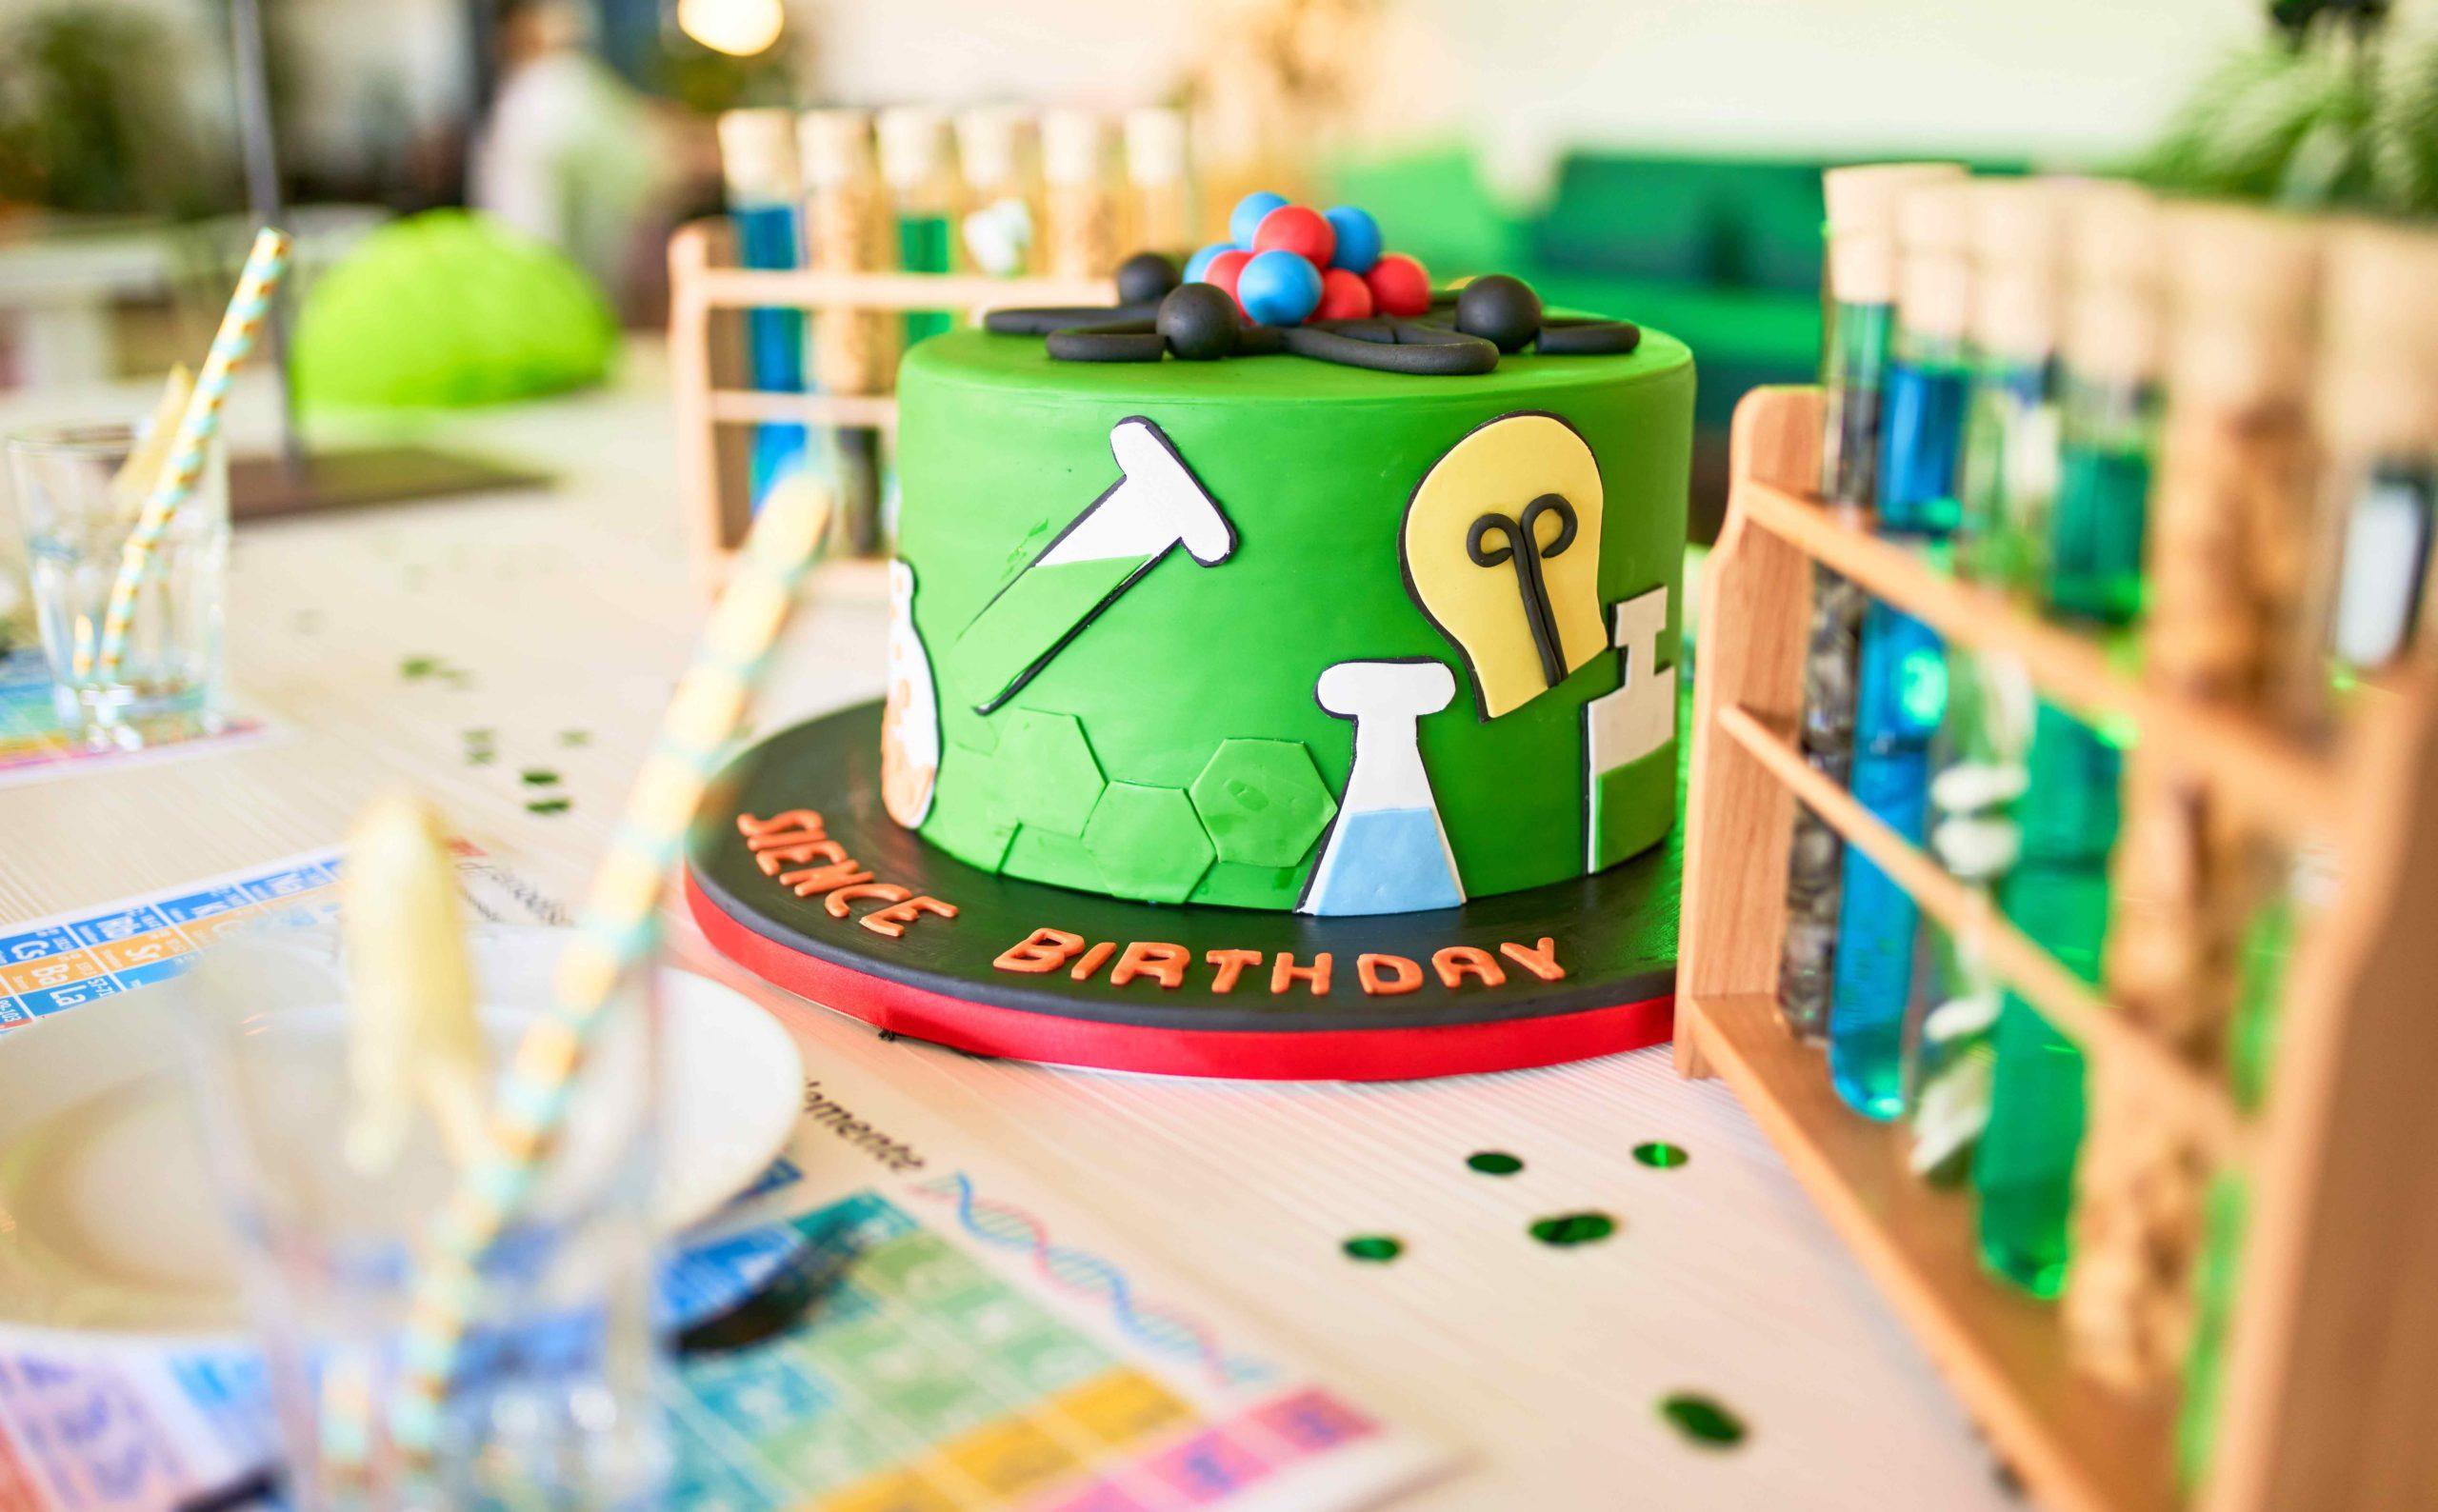 Geburtstagstisch bei der Science Birthday Party am Ökopark Hartberg